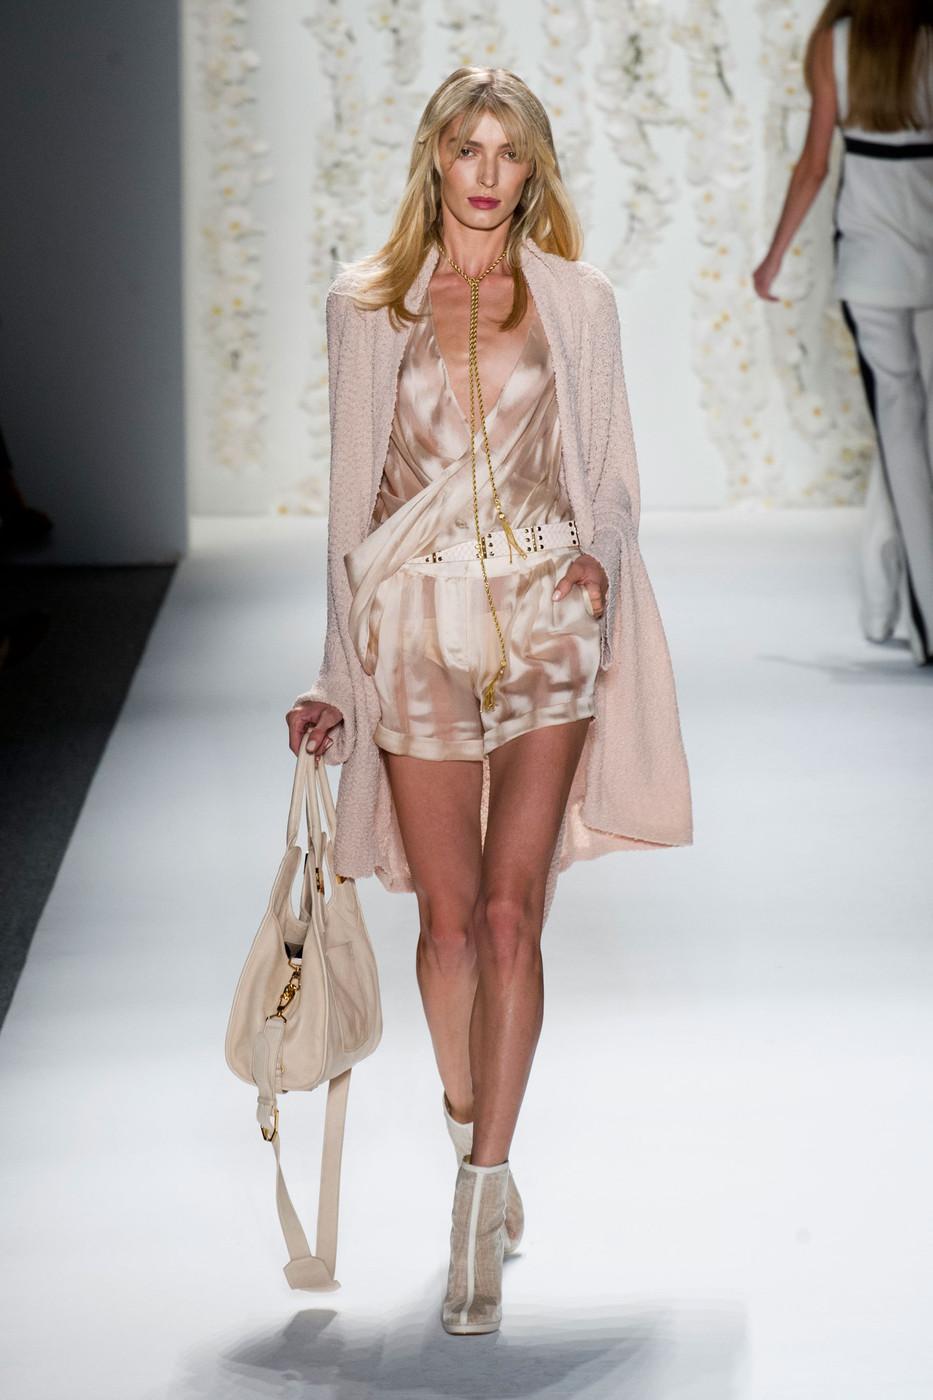 Rachel Zoe's Favorite Looks From New York Fashion Week 1